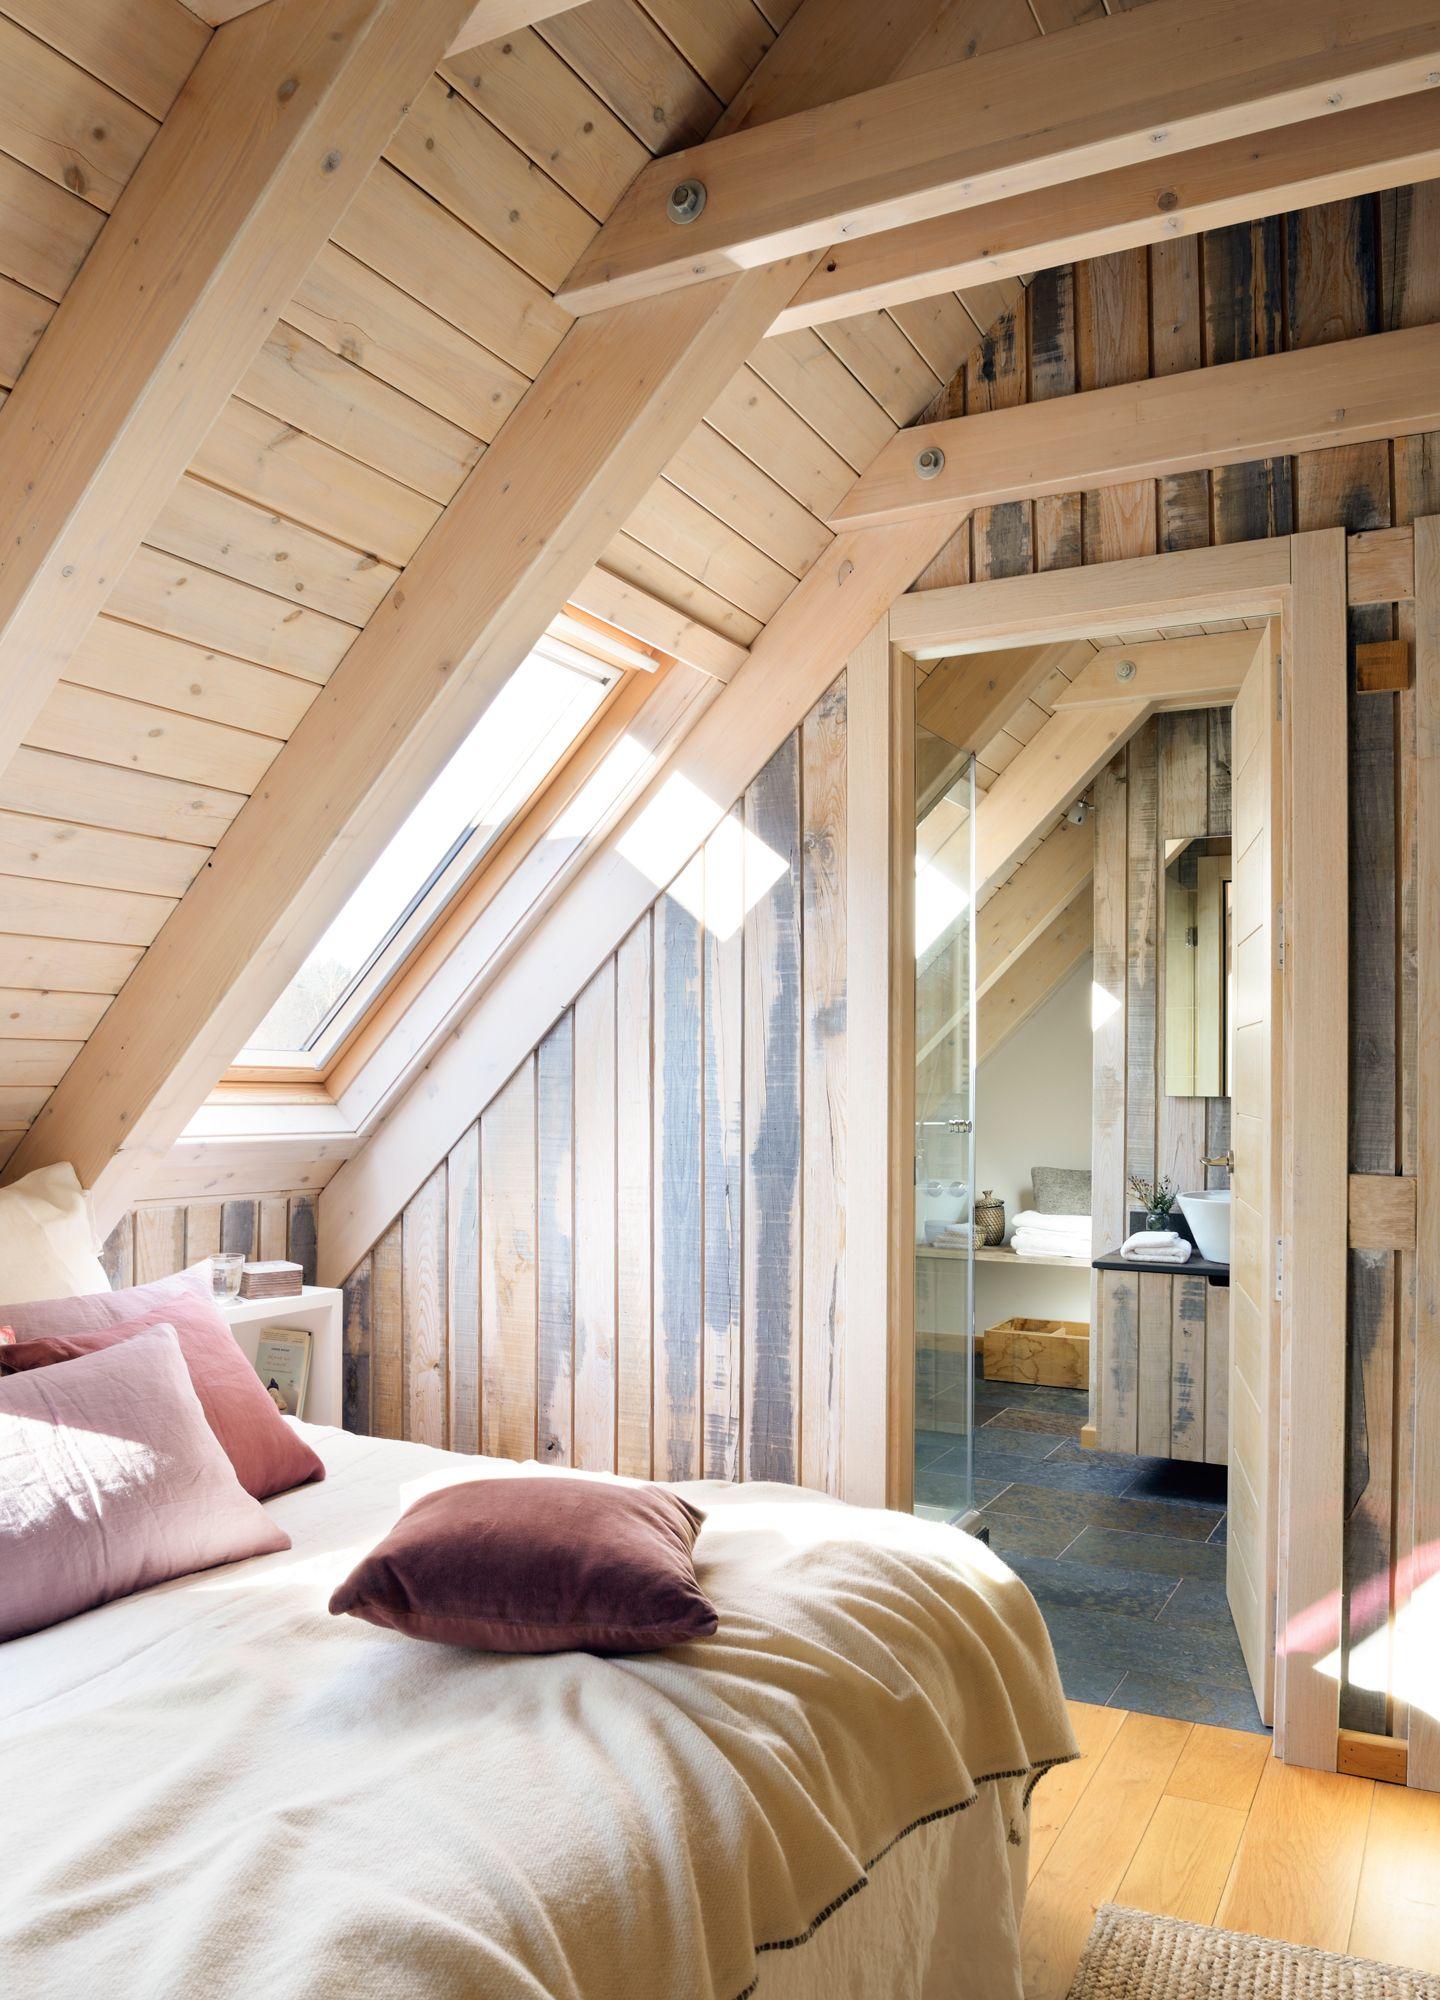 Bano Ensuite Dormitorios Abuhardillados Dormitorios